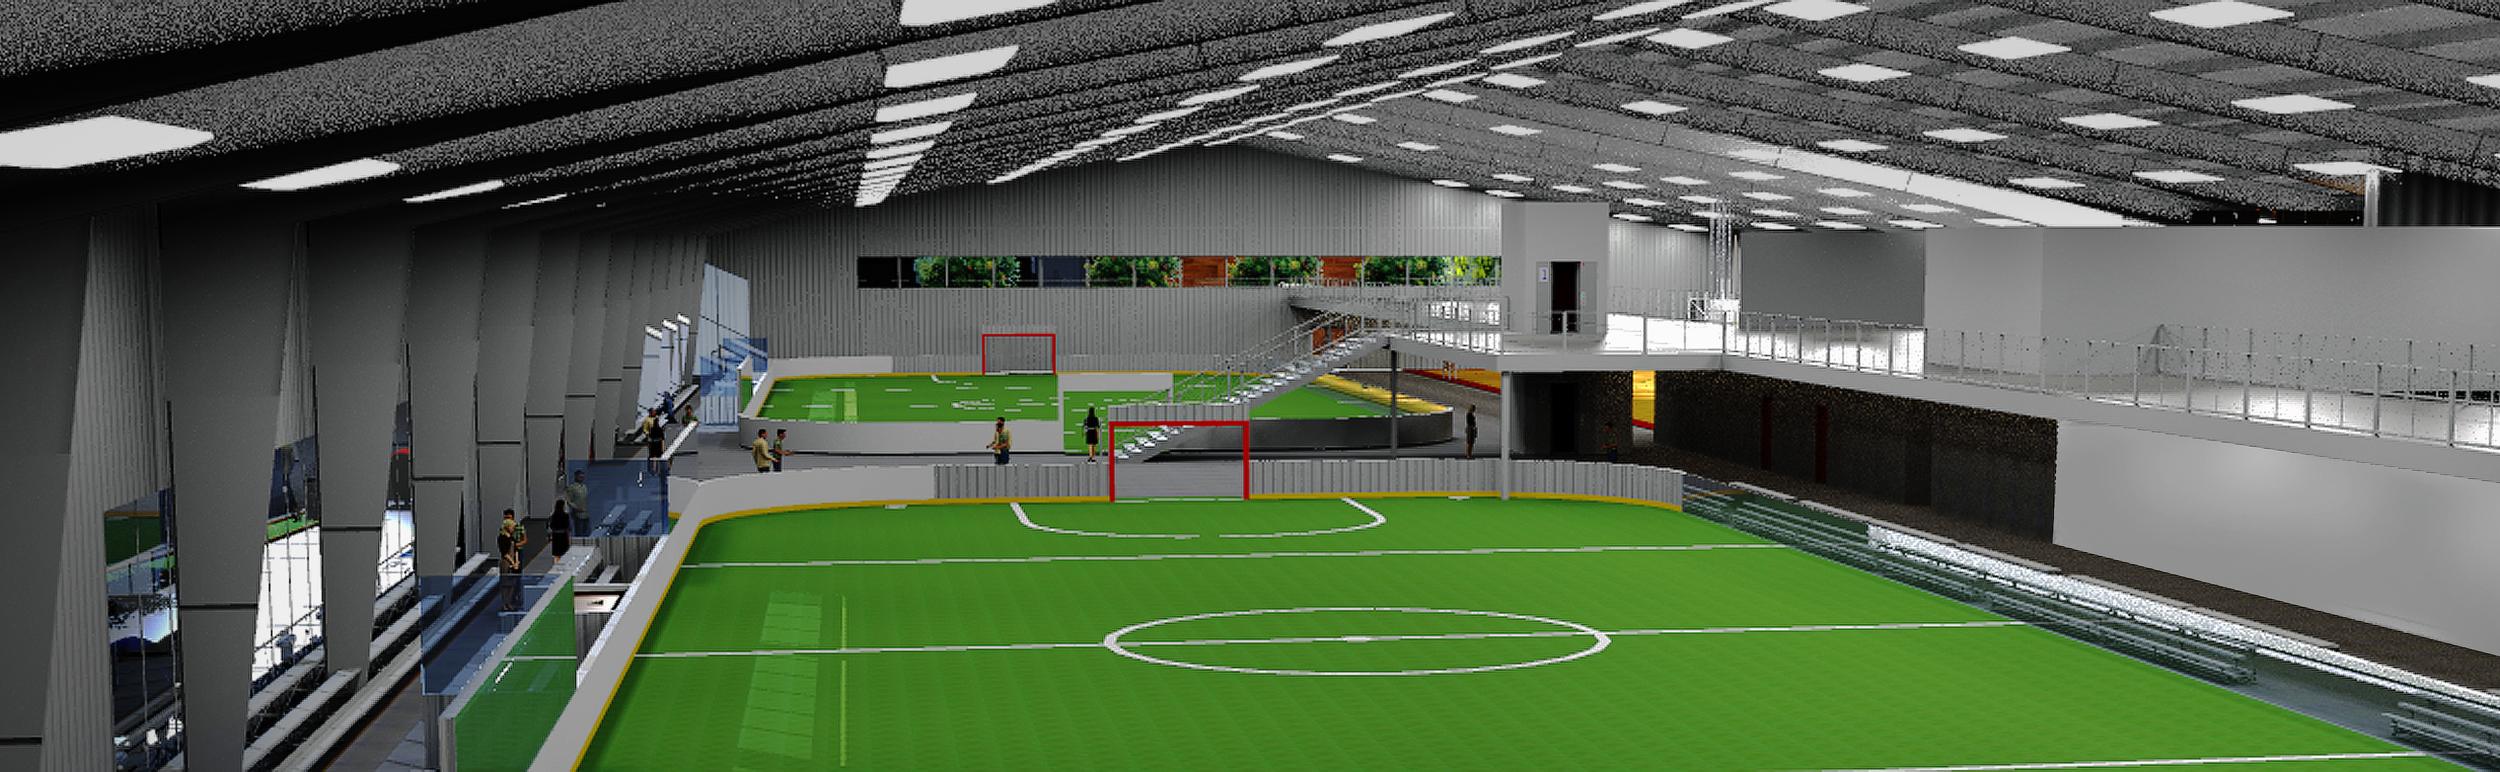 2500 Soccer East view.jpg